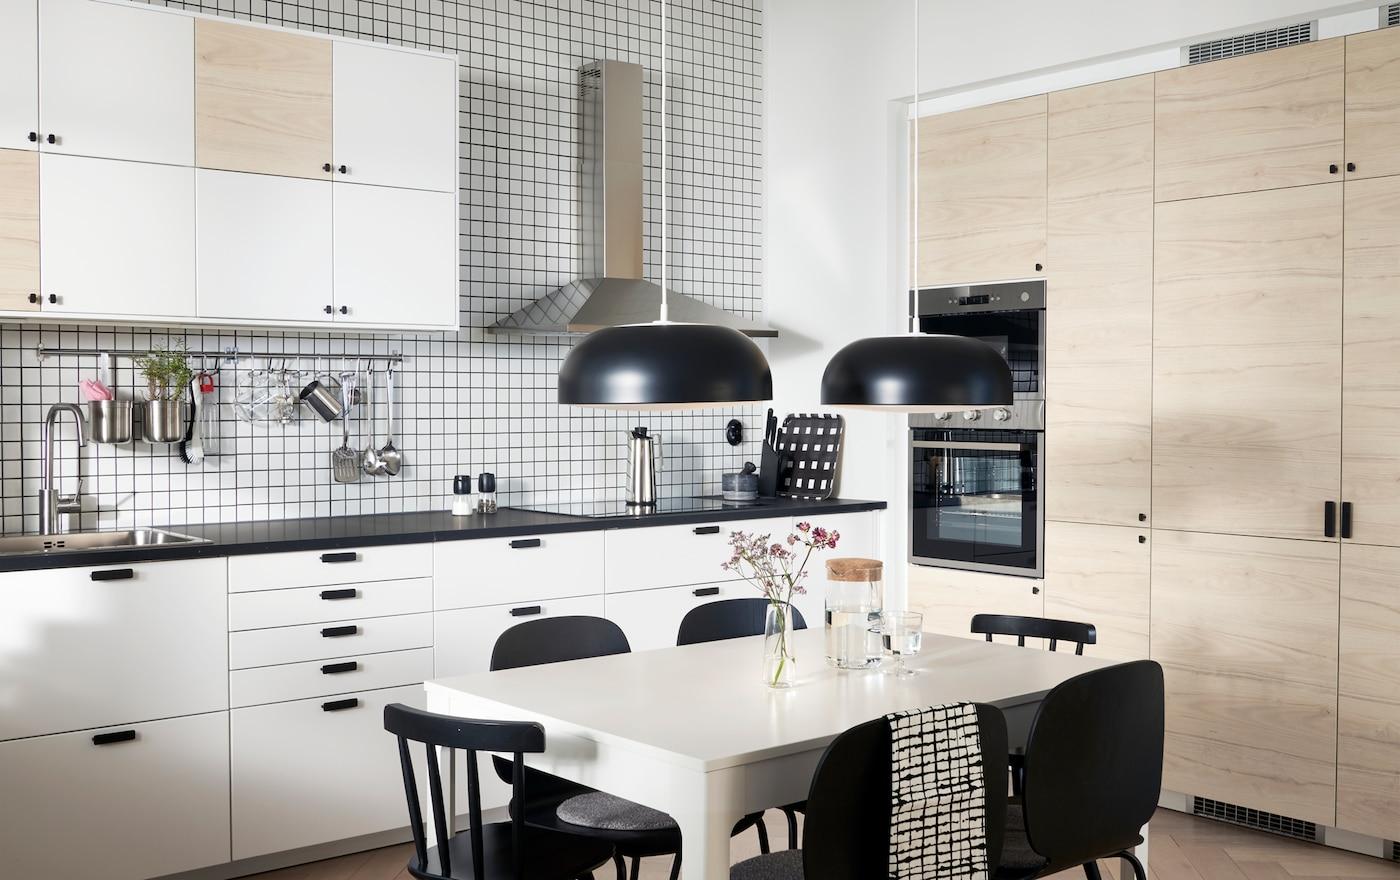 Uma cozinha com portas em branco e efeito freixo claro, dois candeeiros suspensos em preto, uma mesa em branco e cadeiras em preto.